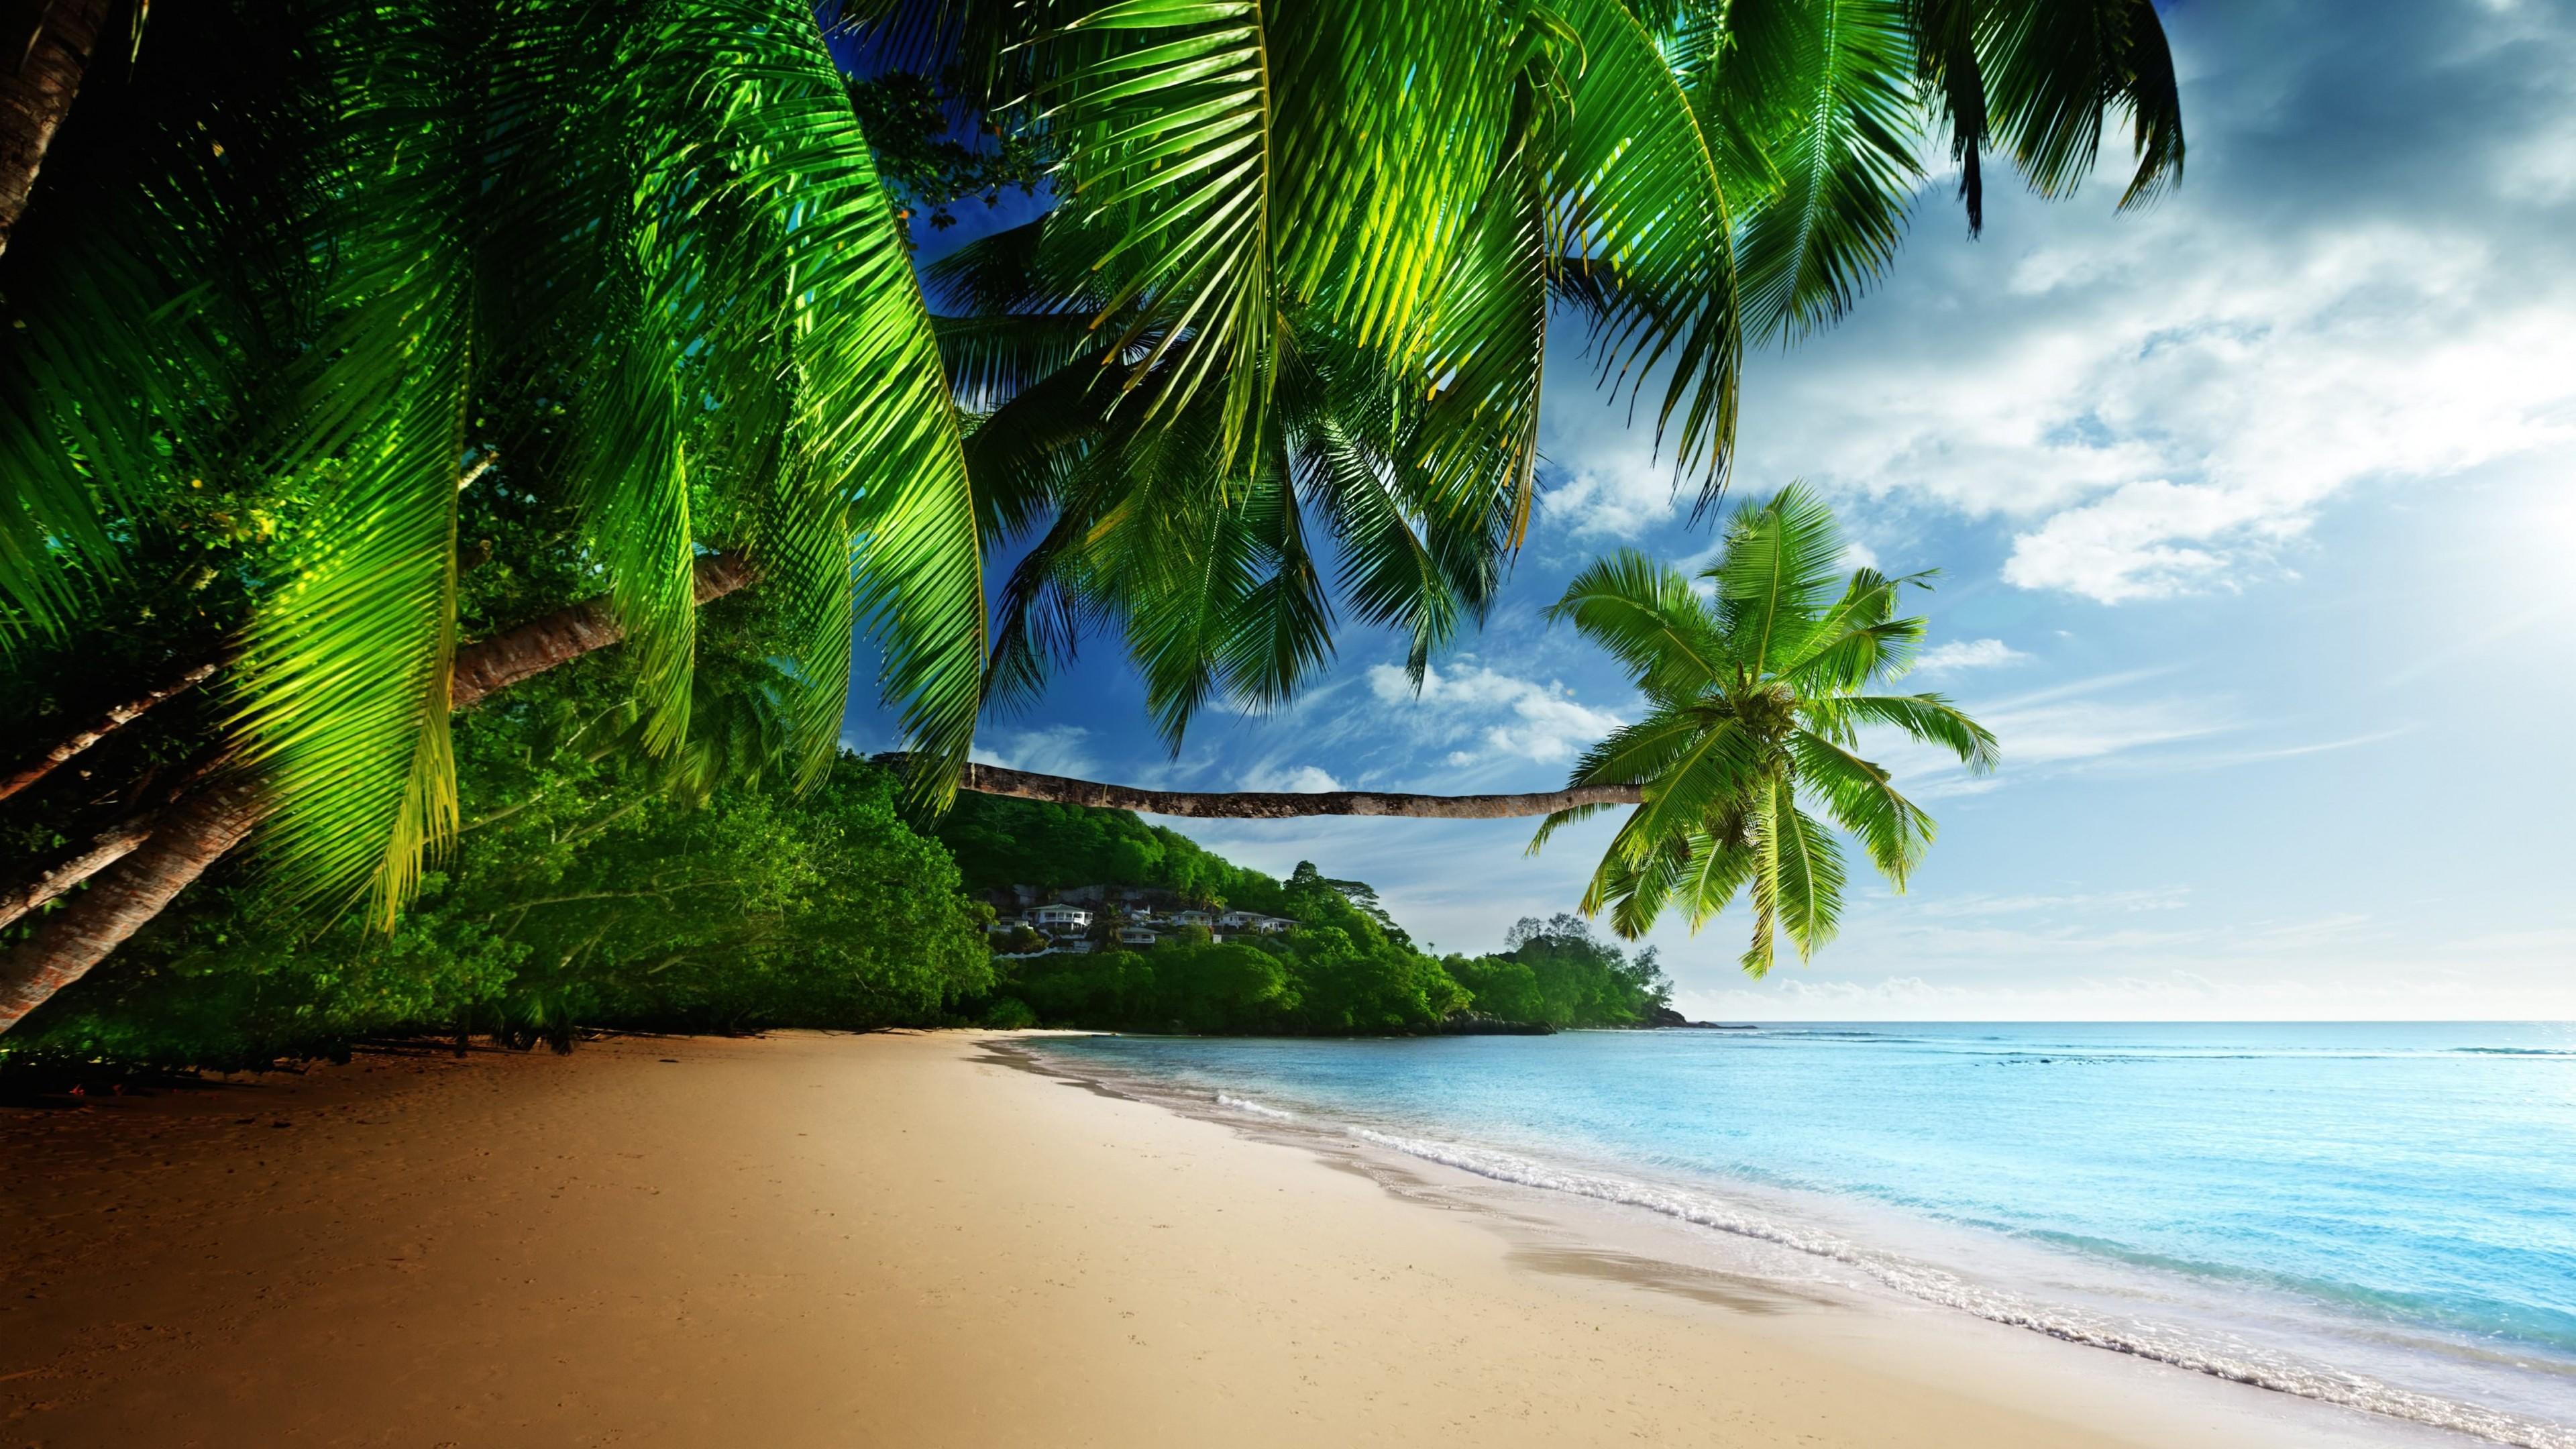 Paradise Beach HD wallpaper for 4K 3840 x 2160   HDwallpapersnet 3840x2160